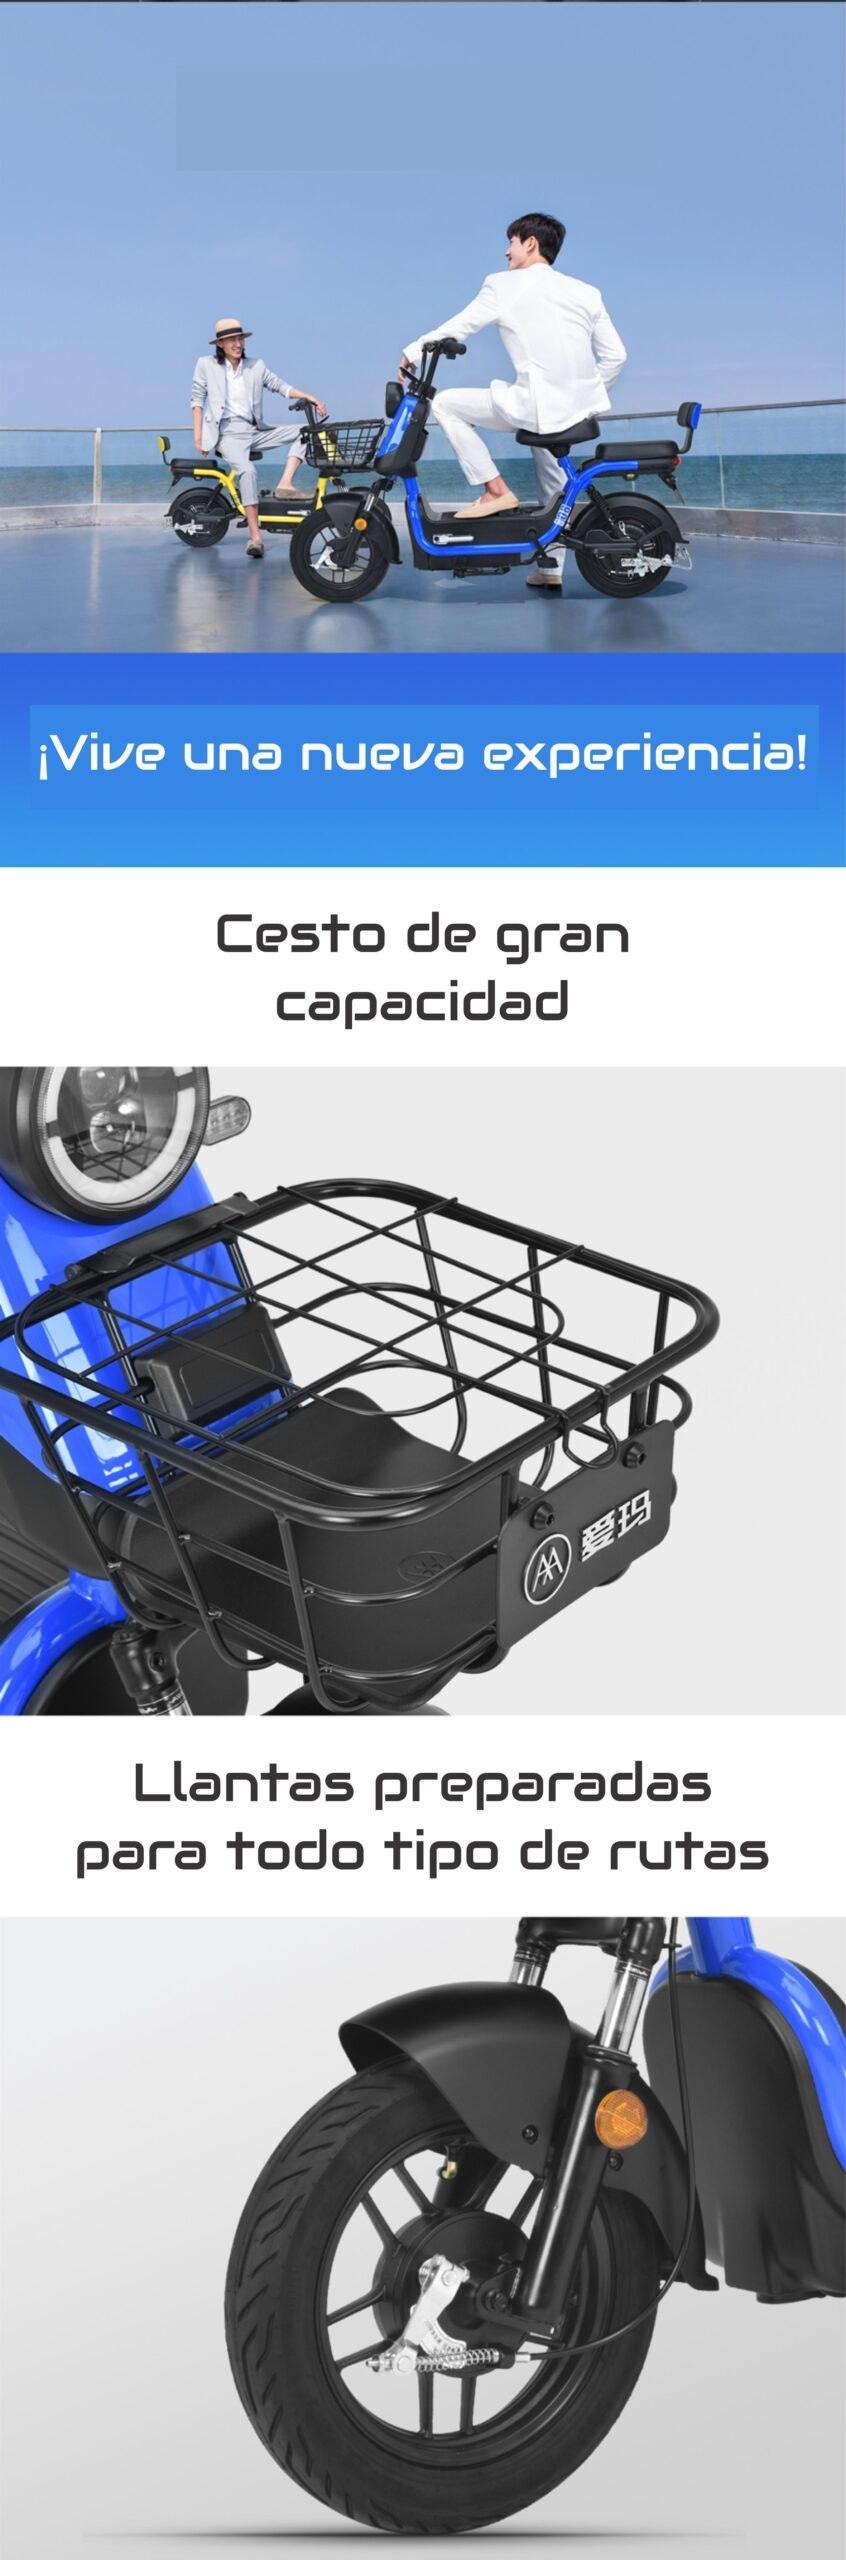 c5 scaled AIMA Peru - Motos Electricas Peru